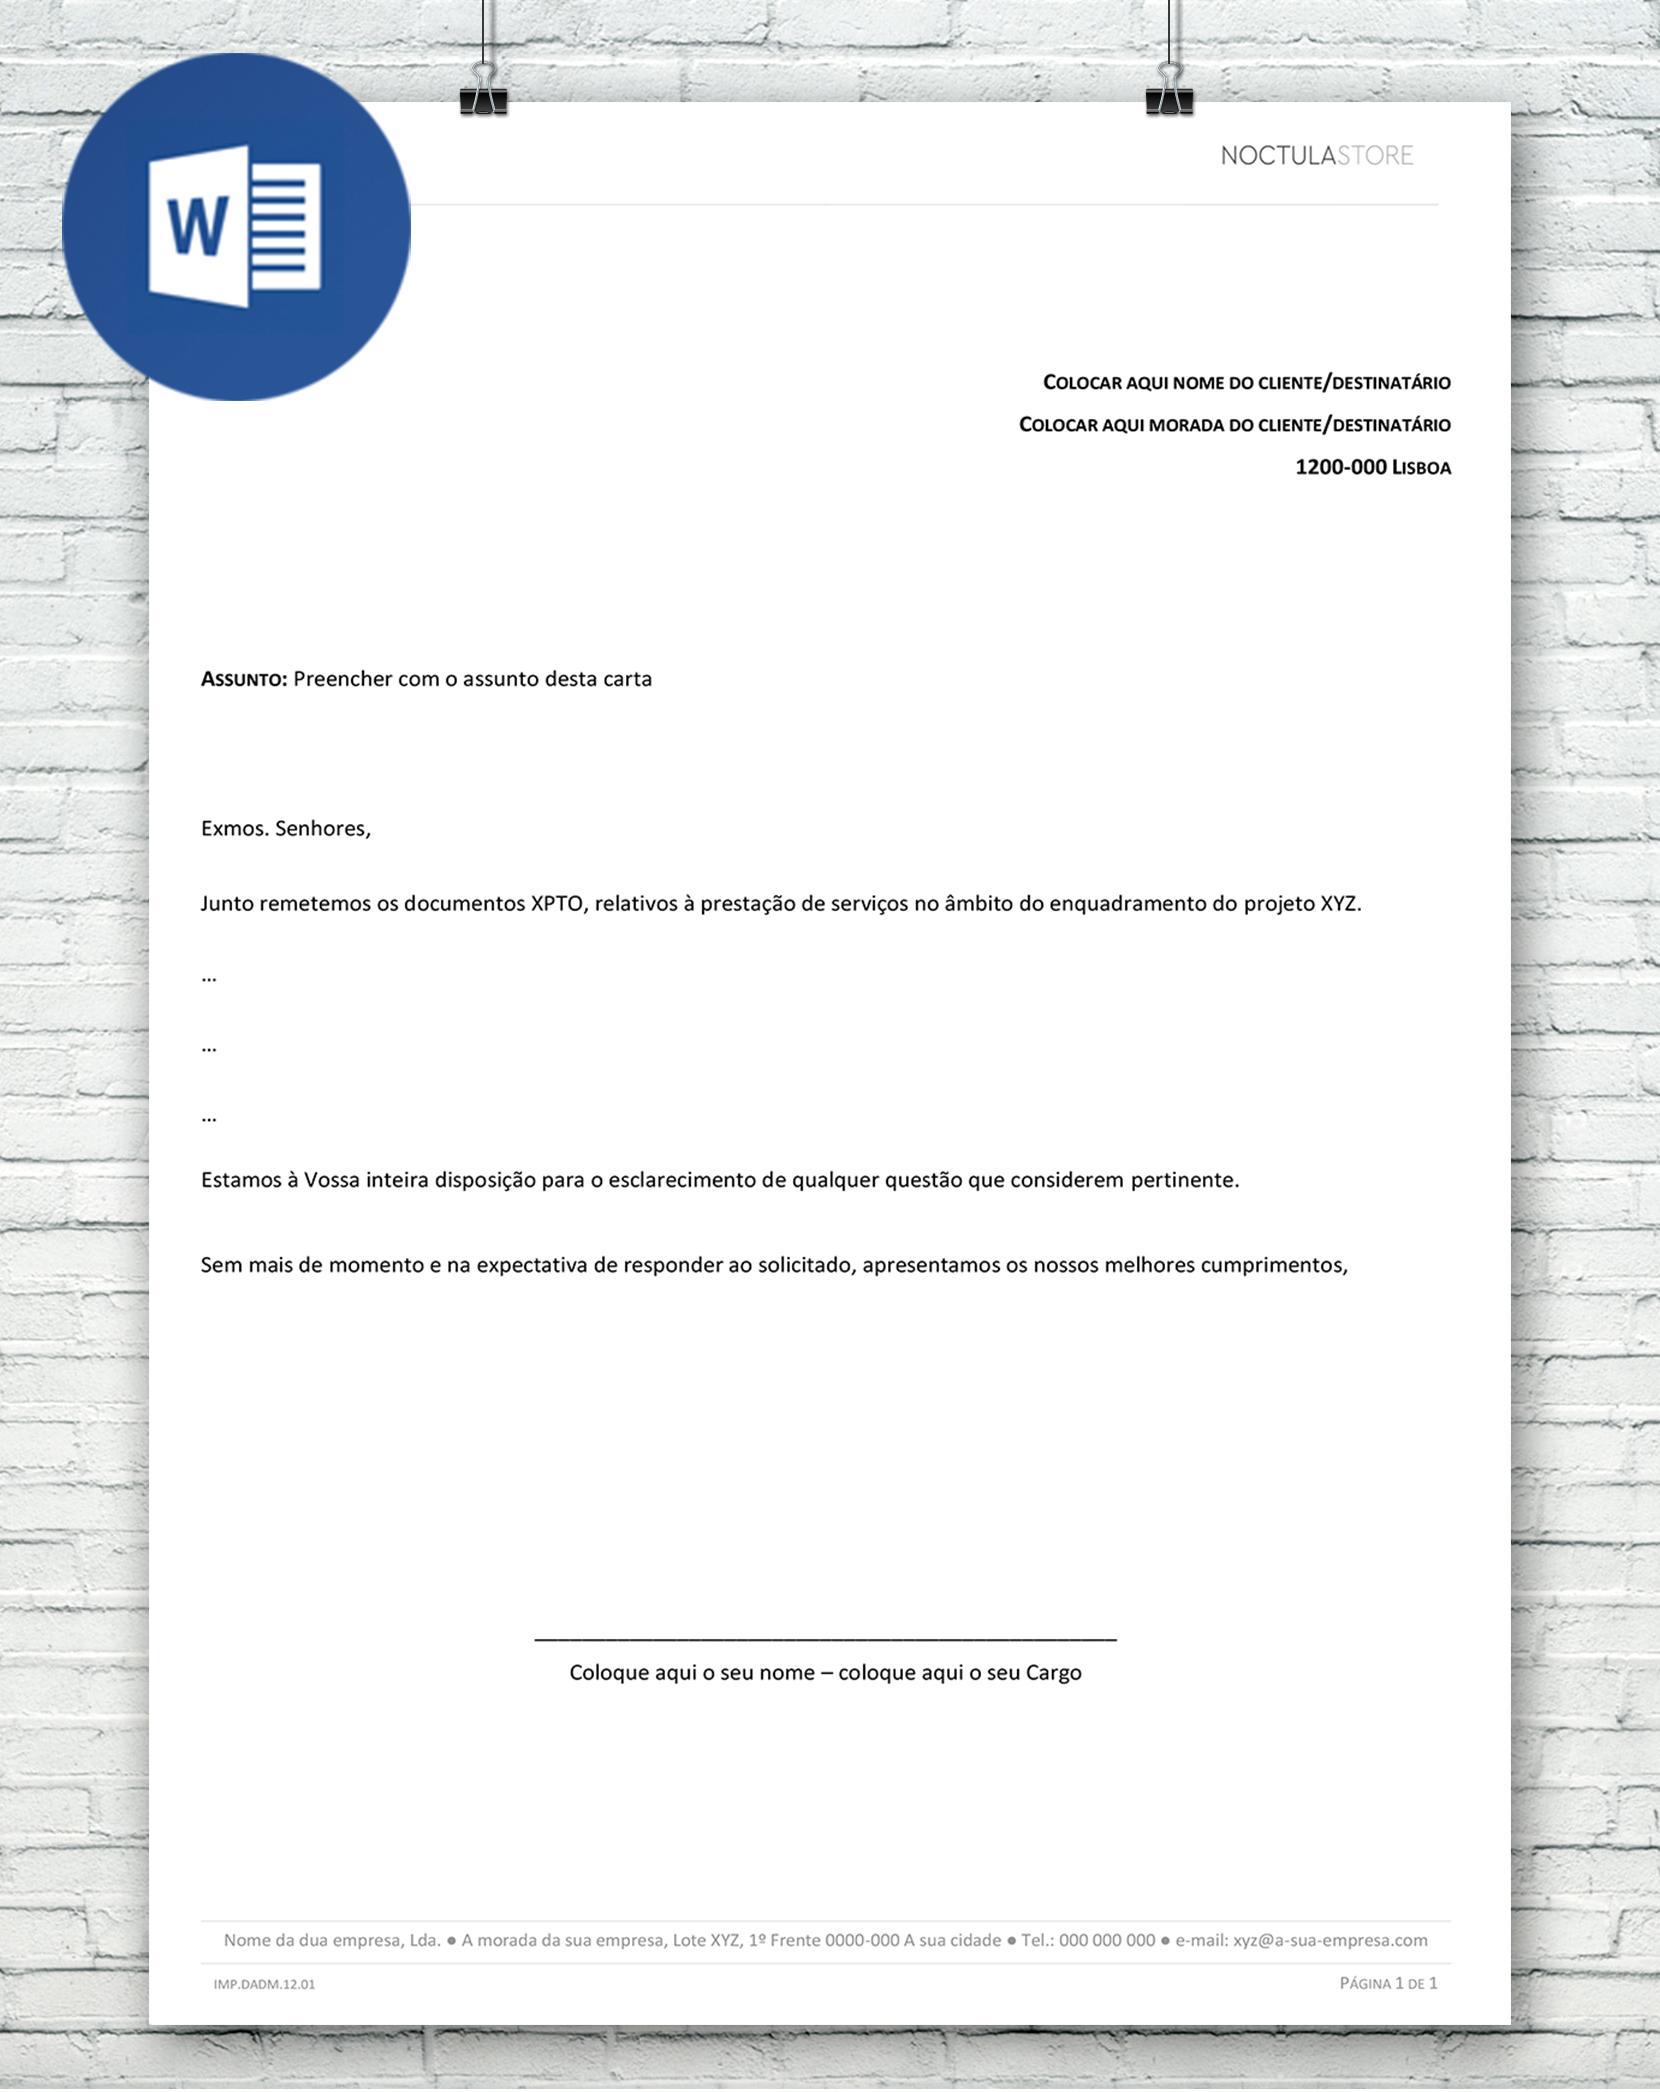 modelo de carta editavel em Word - destaque